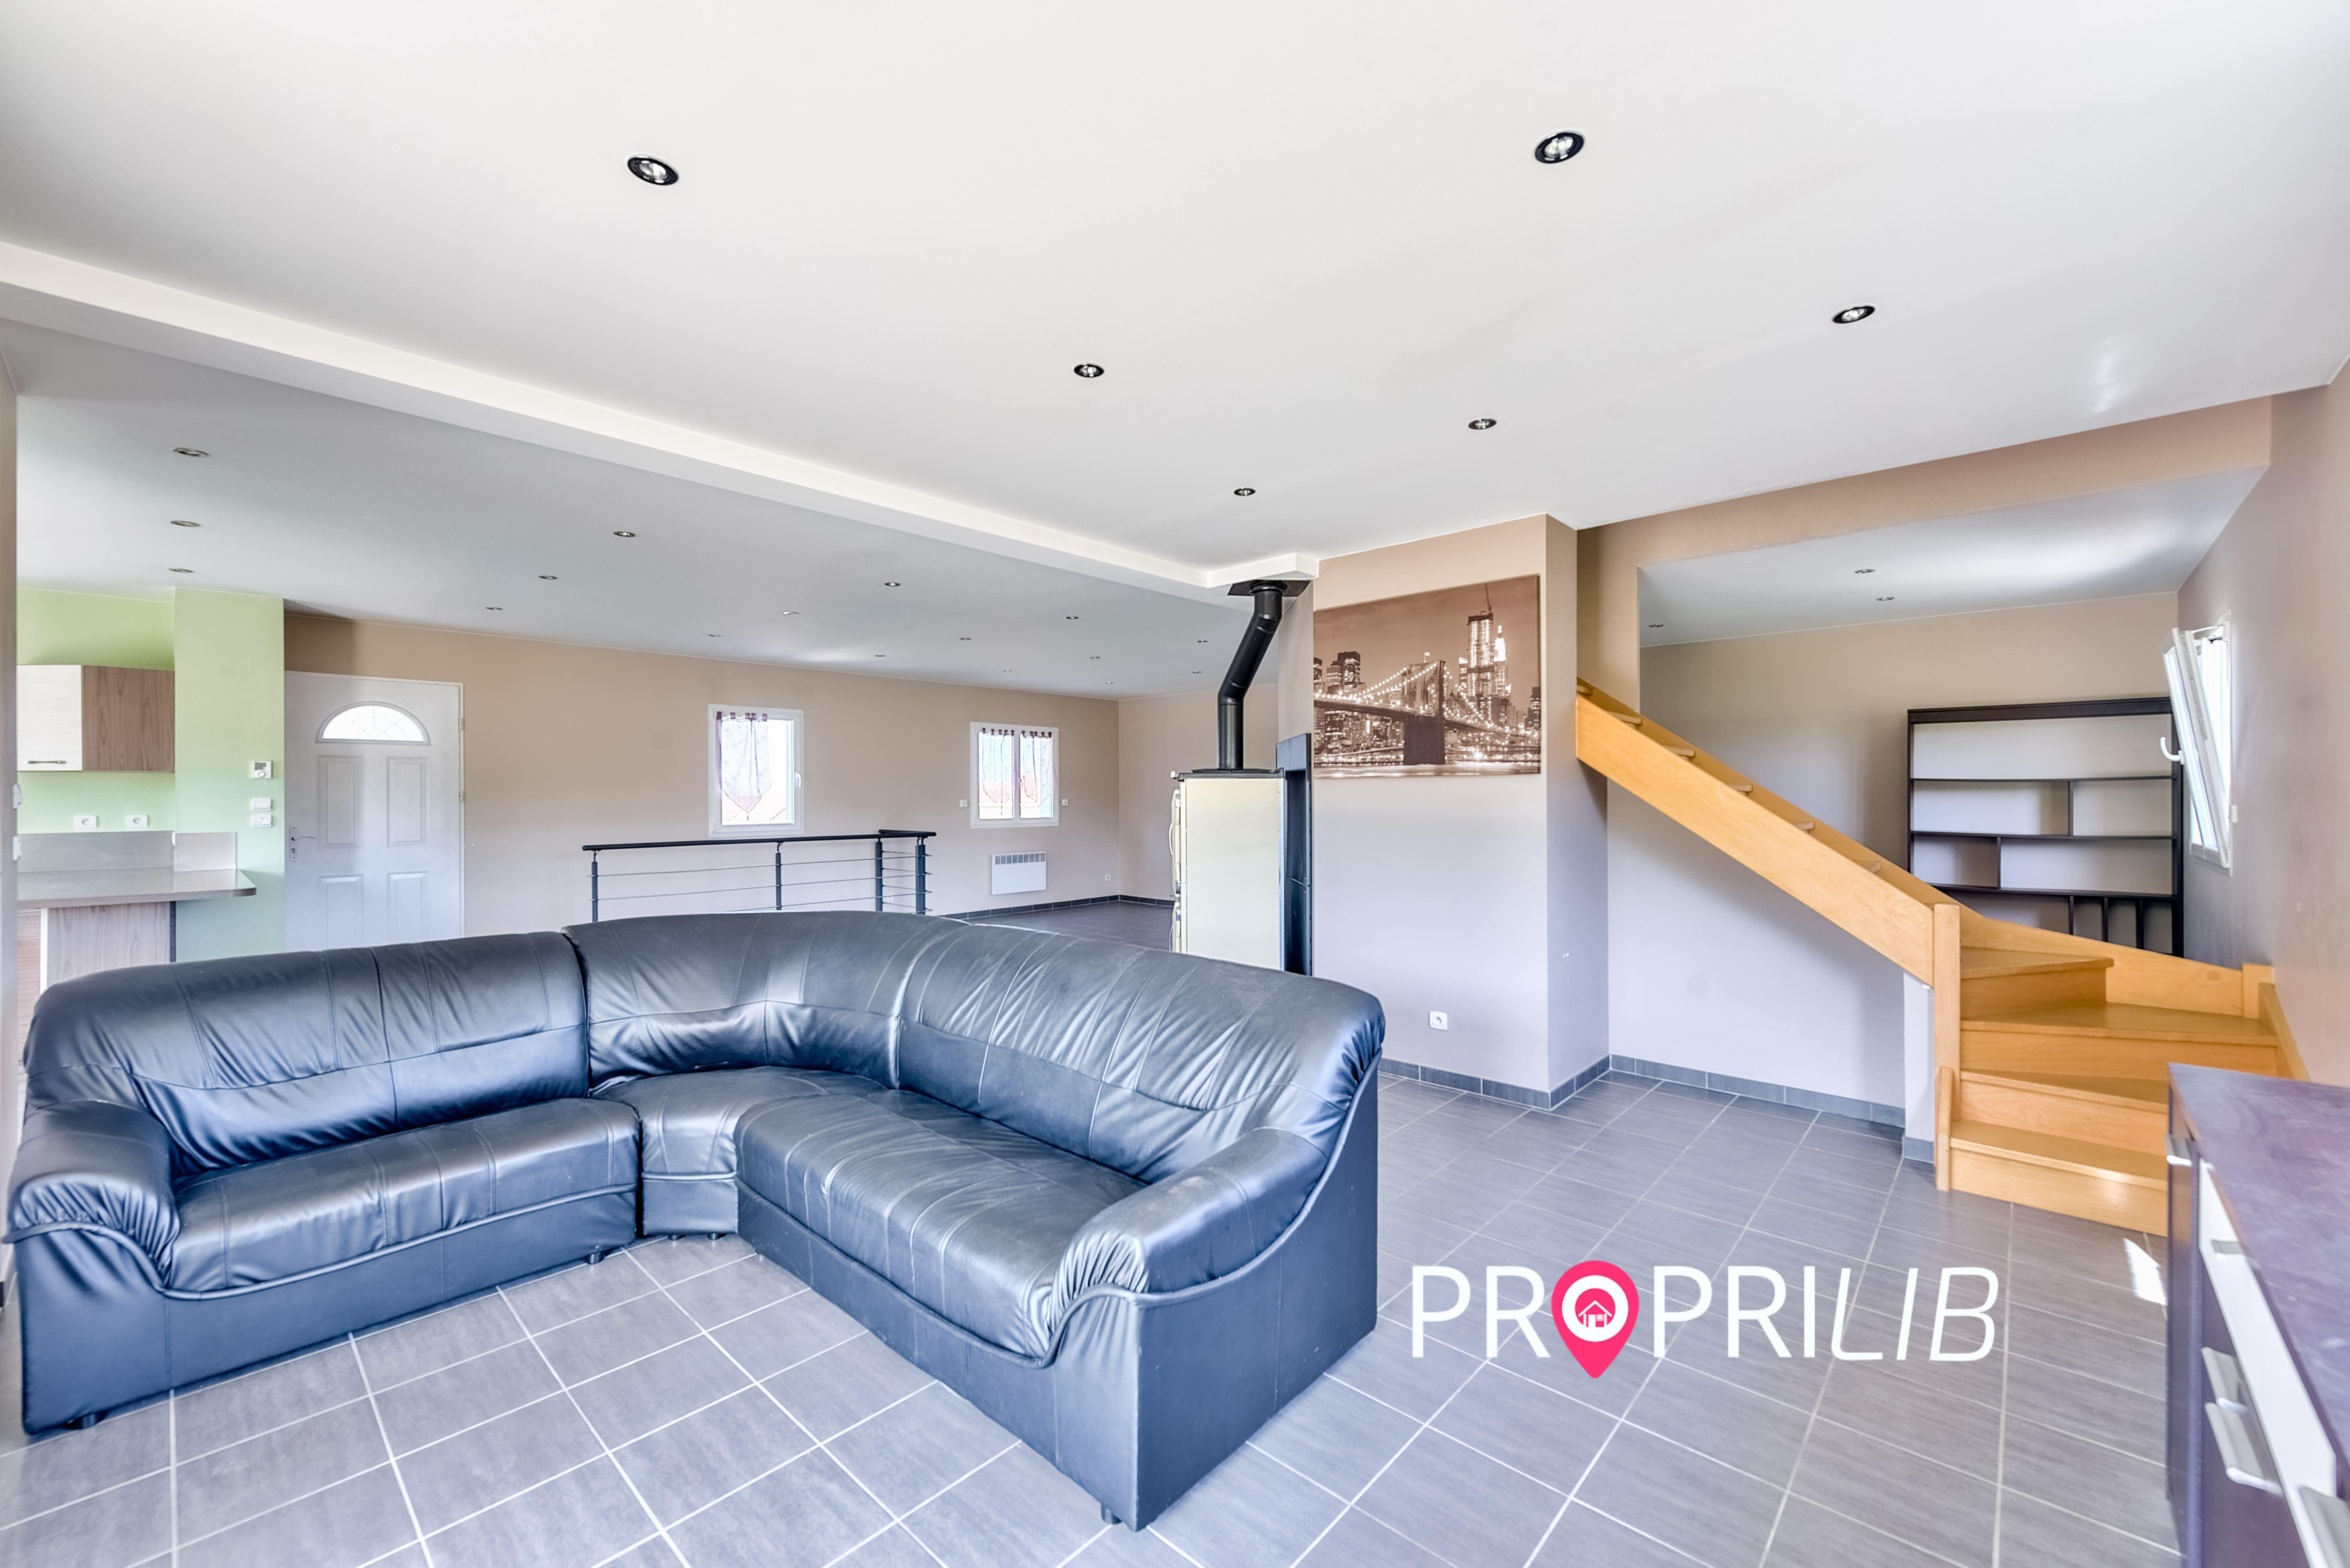 PropriLib l'agence immobilière sans commission vend cette maison à Meyrieu-les-Etangs